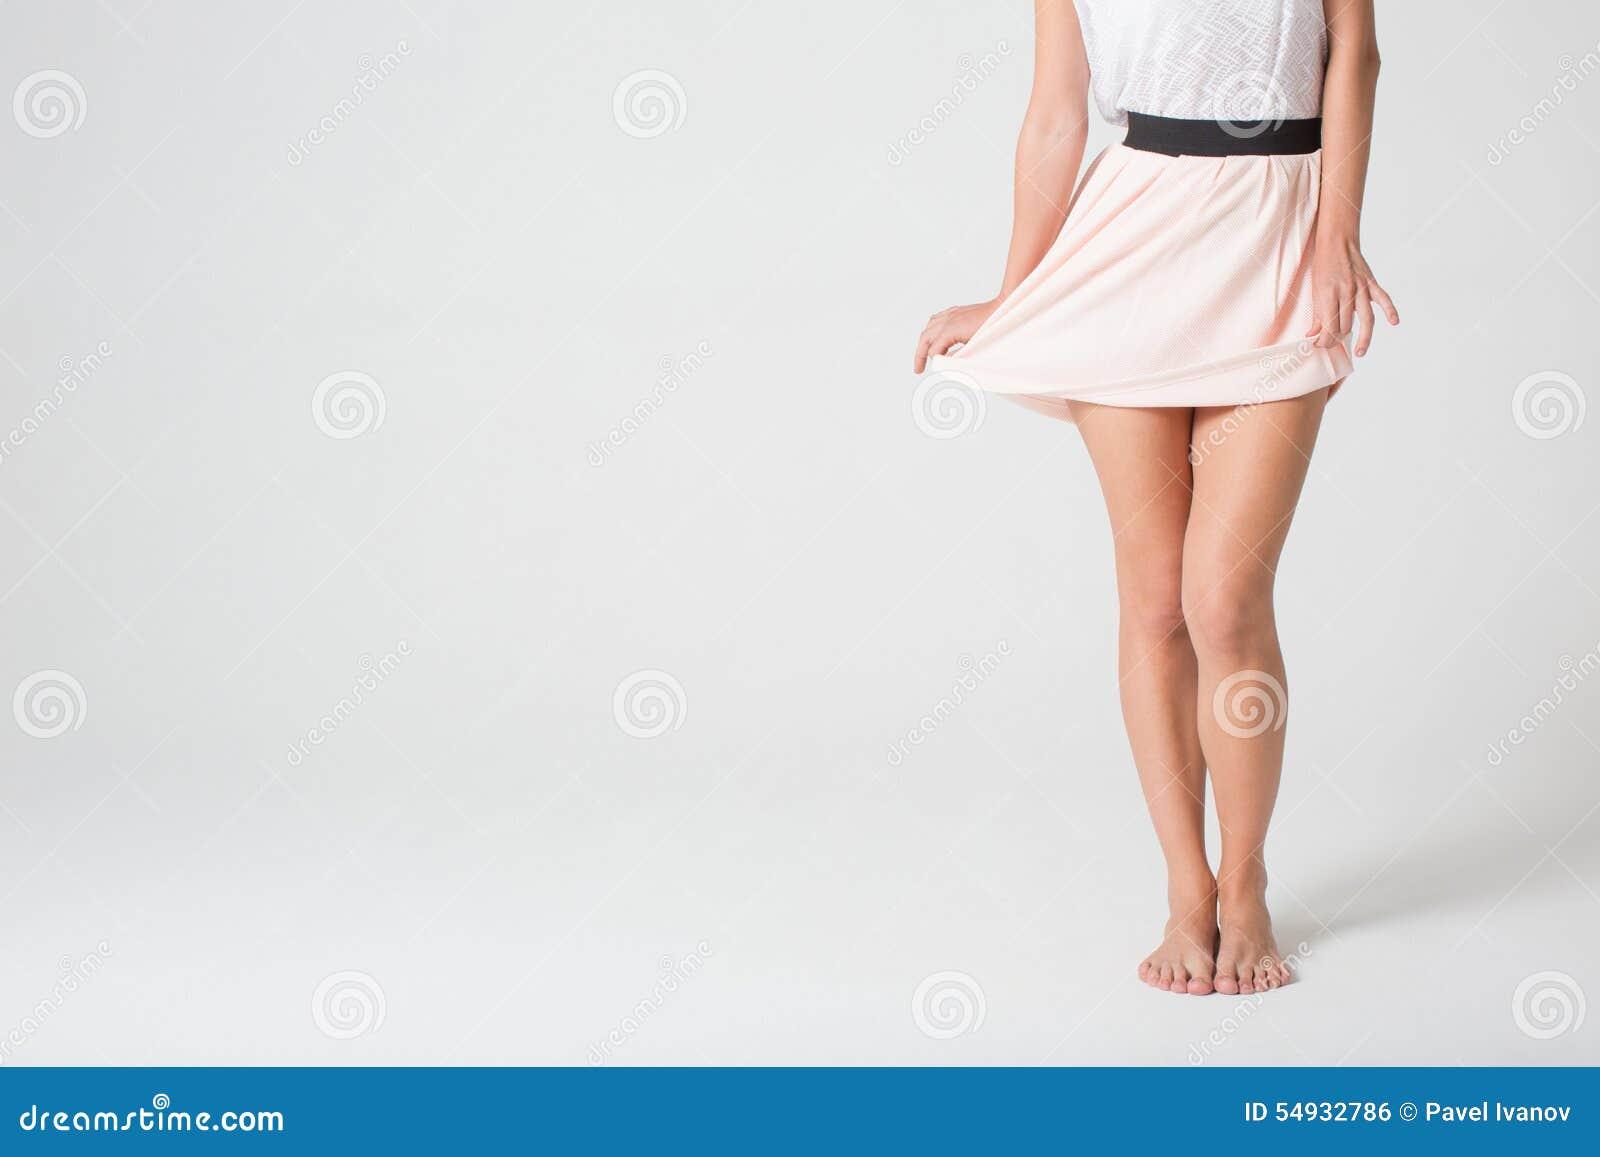 Ноги женские под юбкой